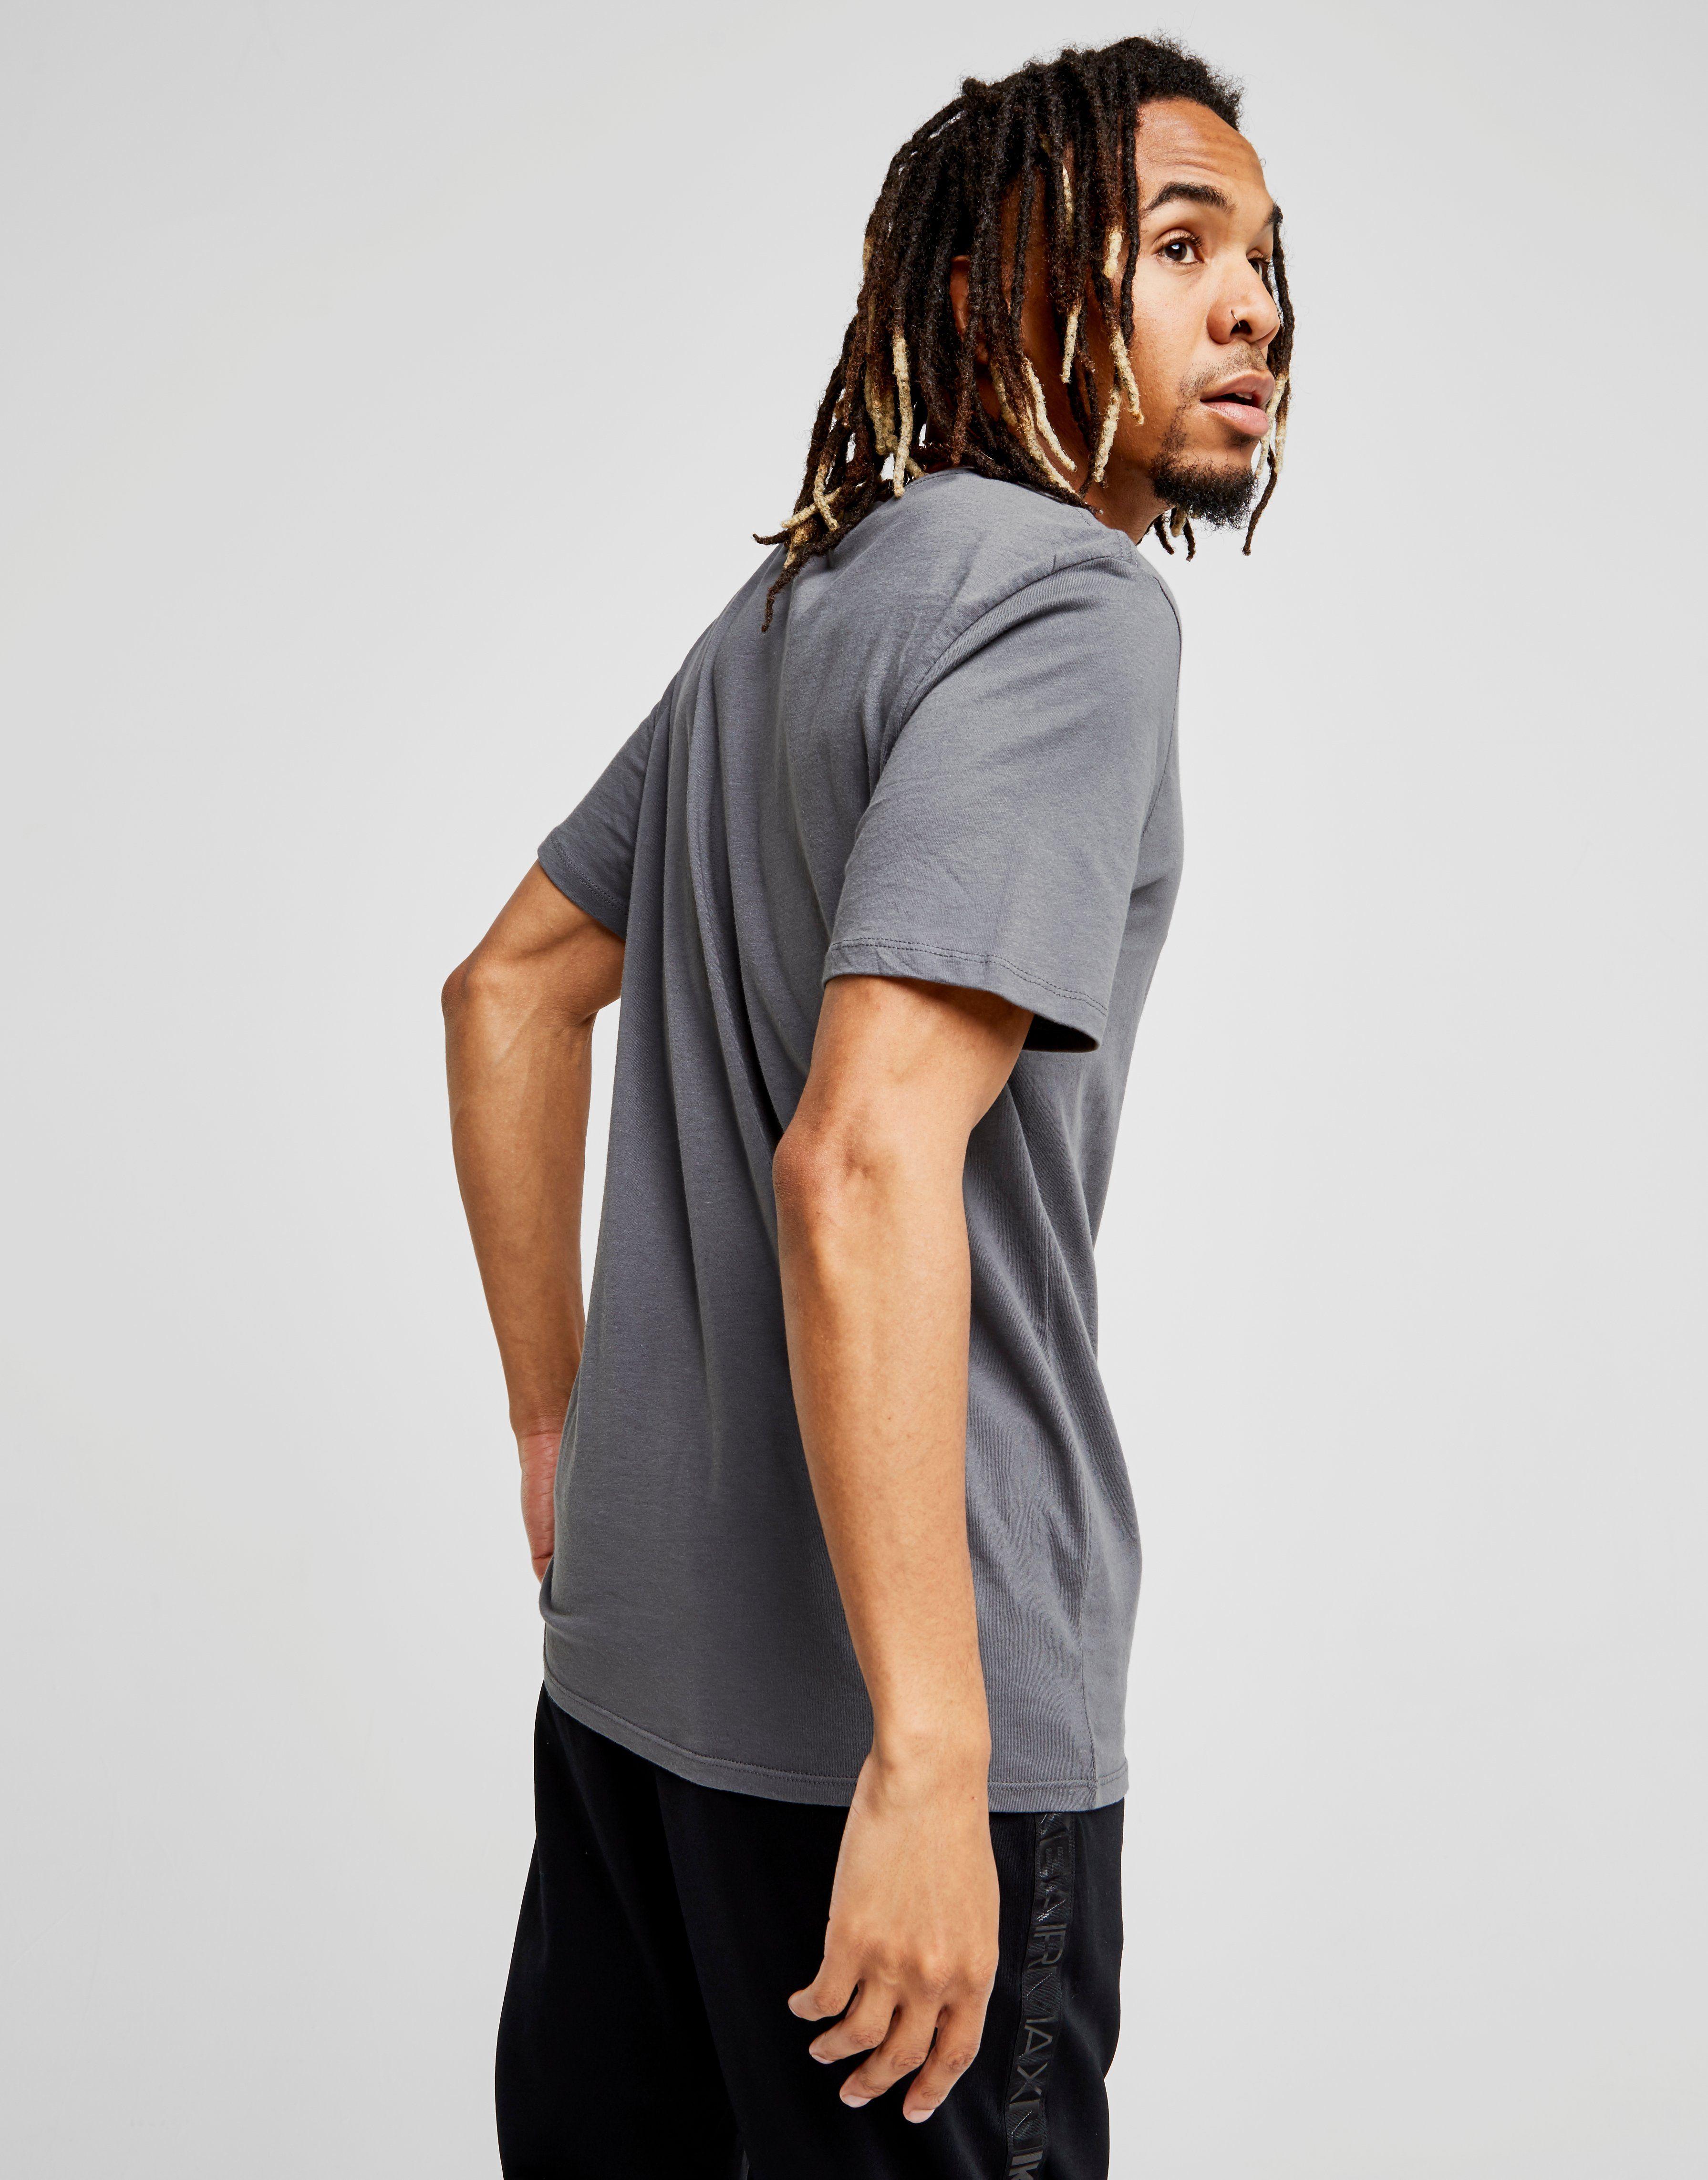 Nike Core 2 T-Shirt Dunkelgrau/Schwarz Grau Günstige Preise Zuverlässig Shopping-Spielraum Online Preiswert Günstiger Preis Mode-Stil Online NligJ